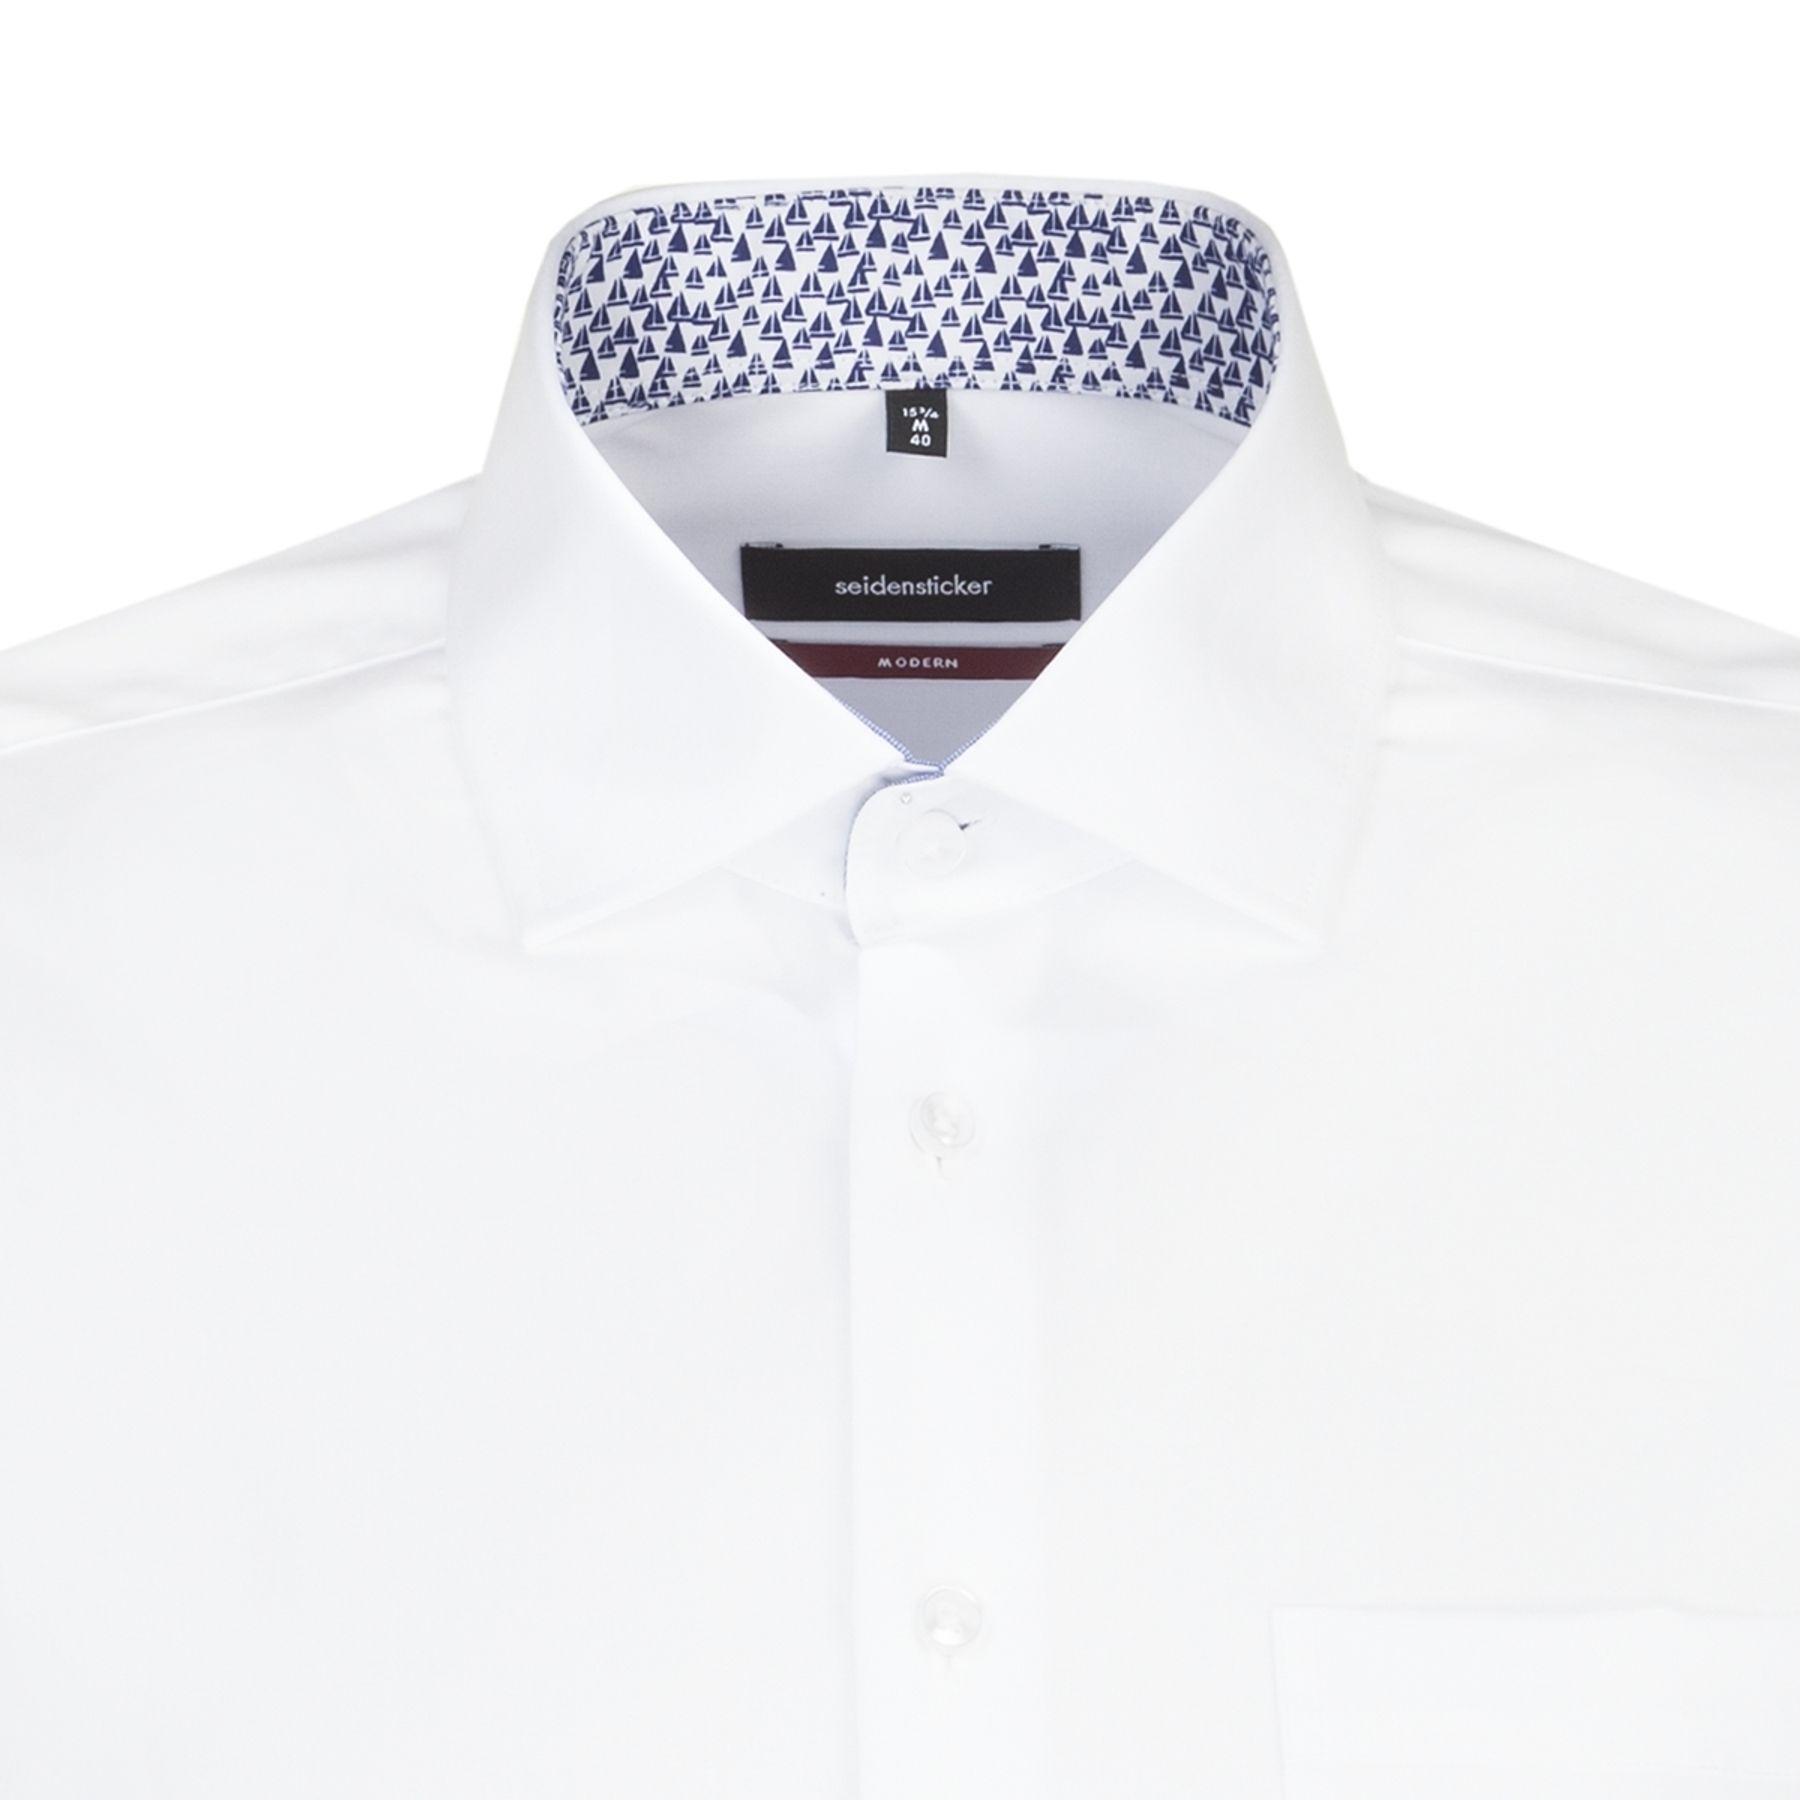 Seidensticker - Herren Hemd, Bügelfrei, Modern, Schwarze Rose mit Kent Kragen in Weiß (01.115980) – Bild 4